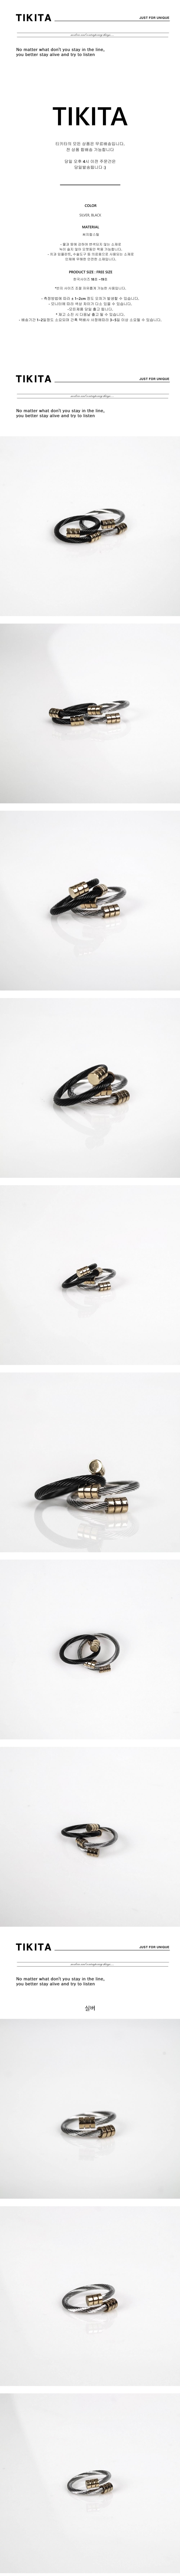 남자 반지 힙합 레이어드 패션 thread 16 ring - 티키타, 18,800원, 남성주얼리, 반지